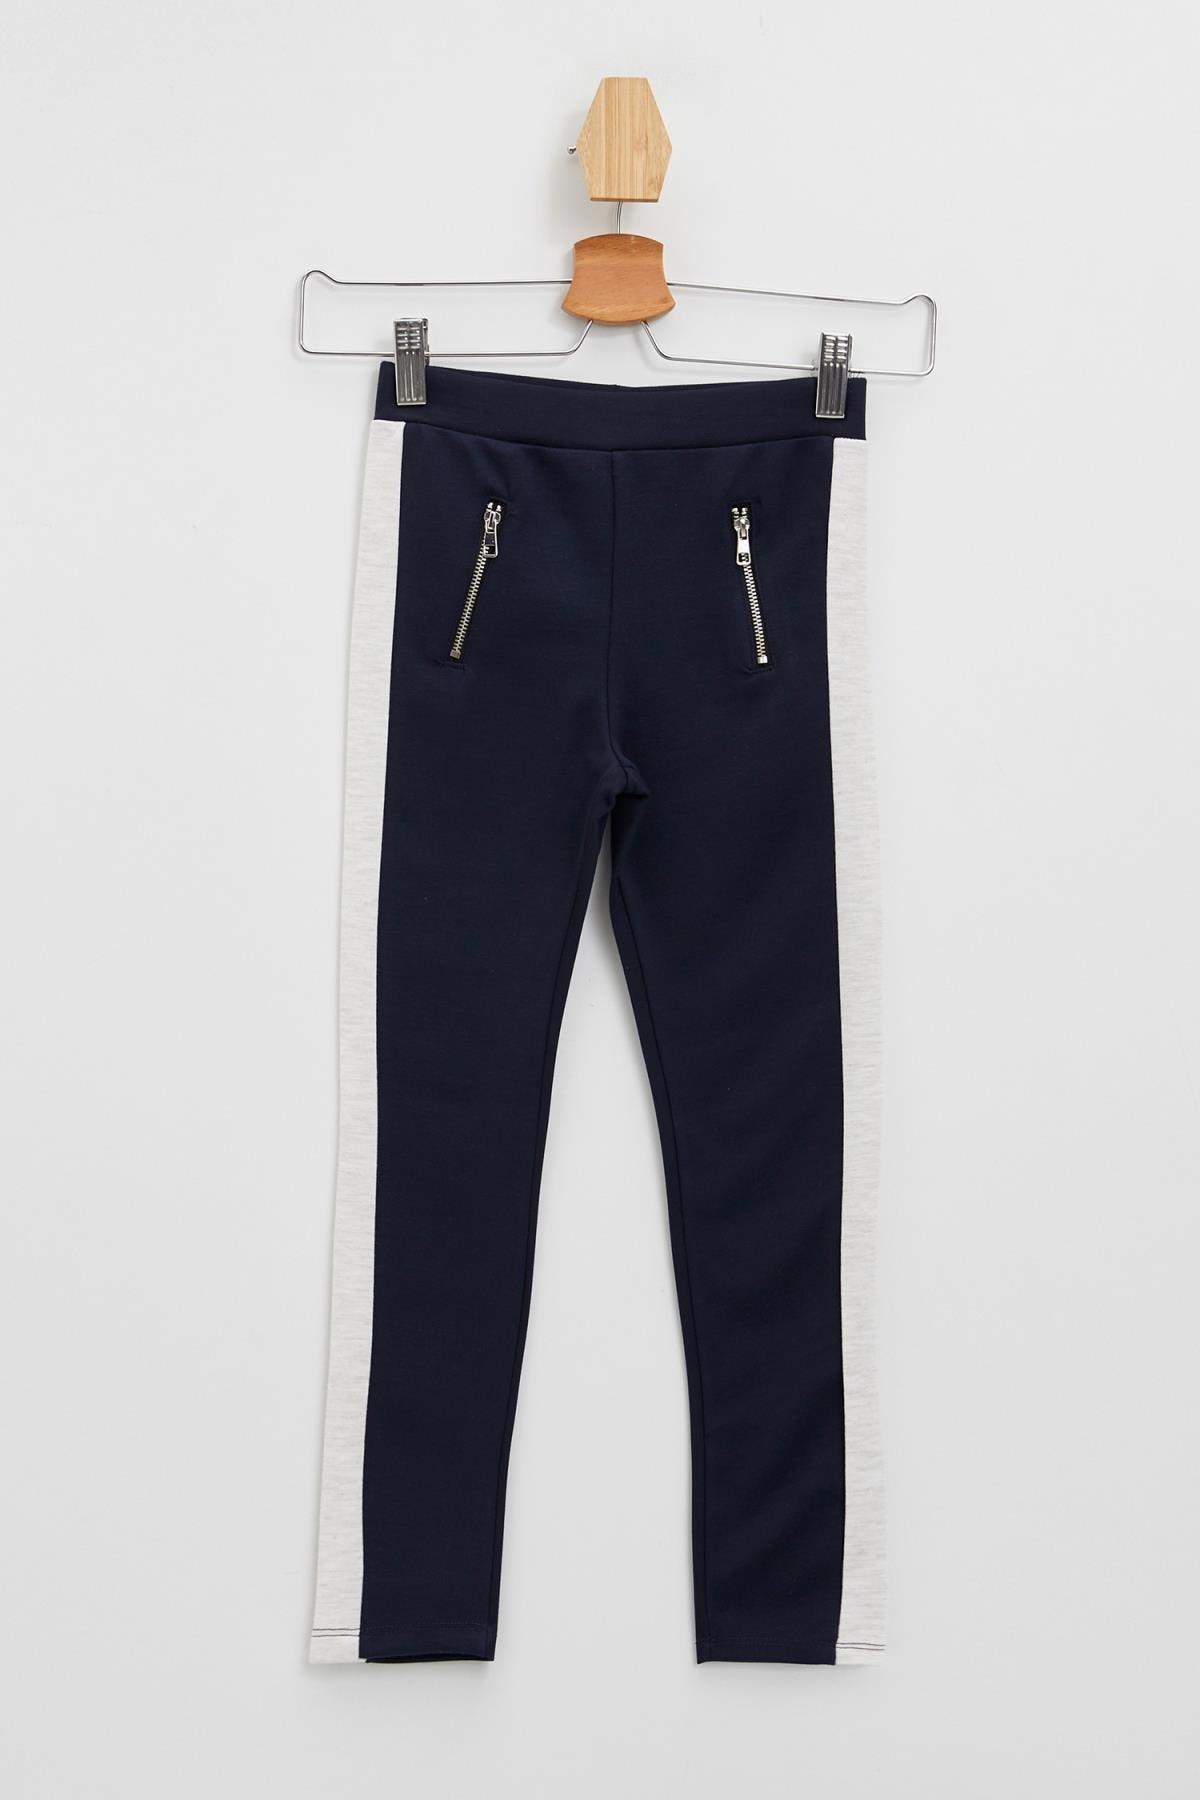 DeFacto Kız Çocuk Slim Fit Renk Bloklu Bilek Boy Tayt